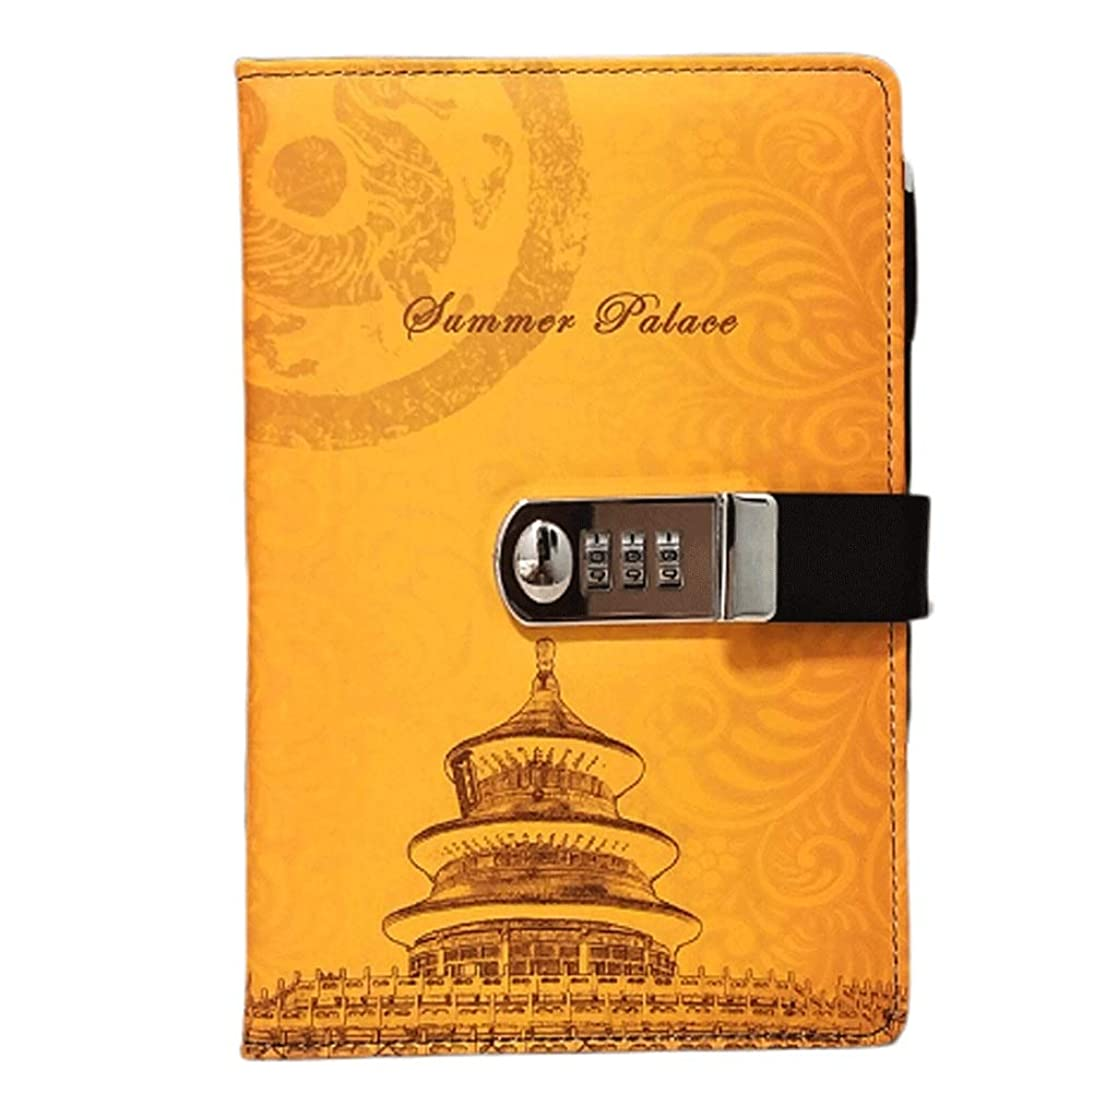 ノート ヴィンテージジャーナルイエローレザー日記メモ帳とパスワードコードロックオフィス学校文具用品ギフト メモ帳 ノート (Color : Yellow)